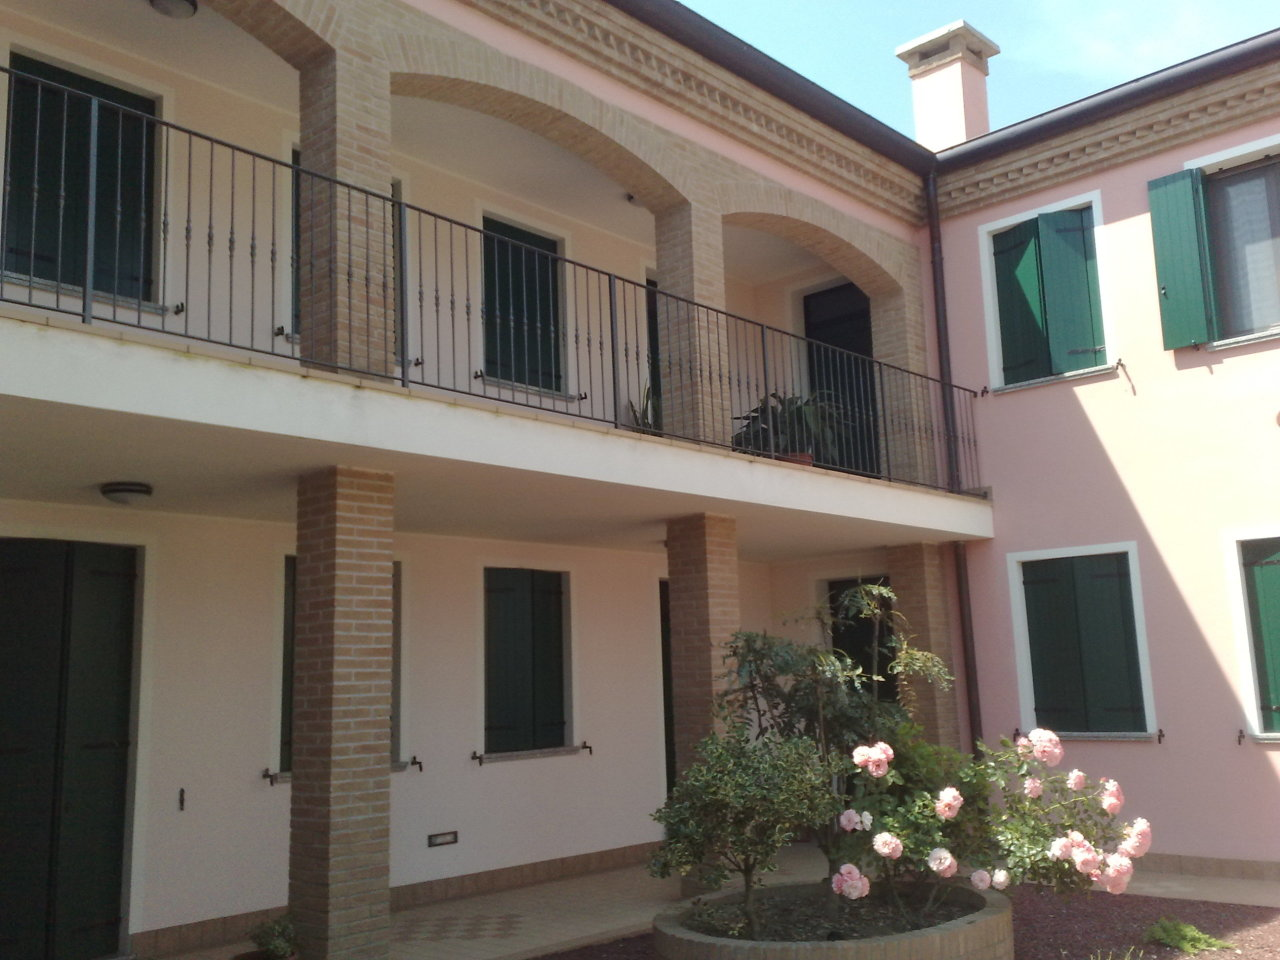 Appartamento in vendita a Pontecchio Polesine, 5 locali, prezzo € 85.000 | CambioCasa.it